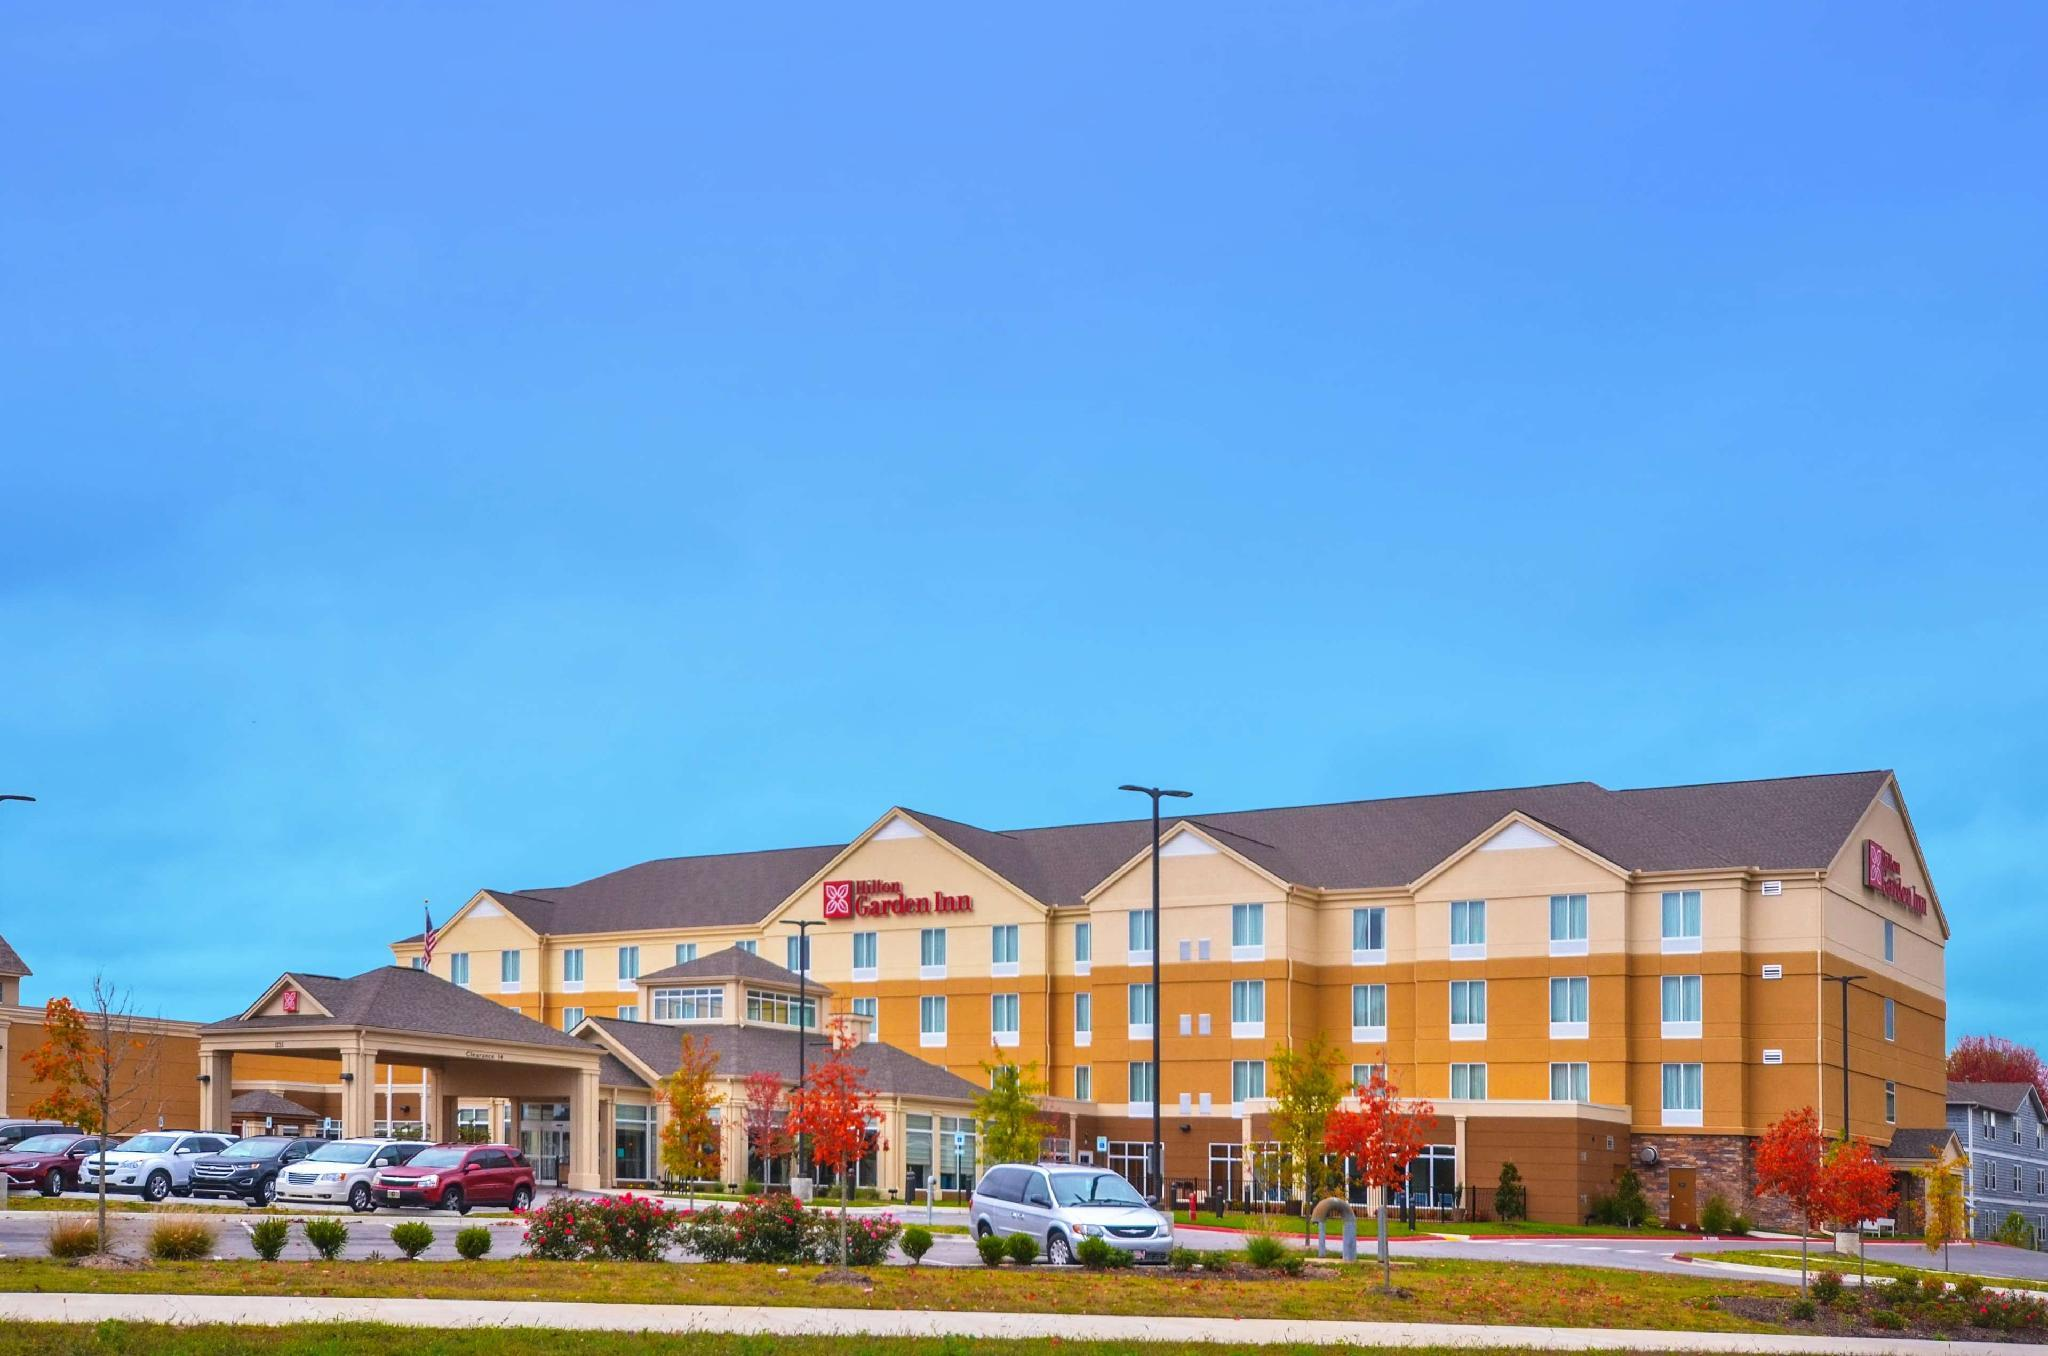 Hilton Garden Inn Fayetteville Fayetteville (AR) United States